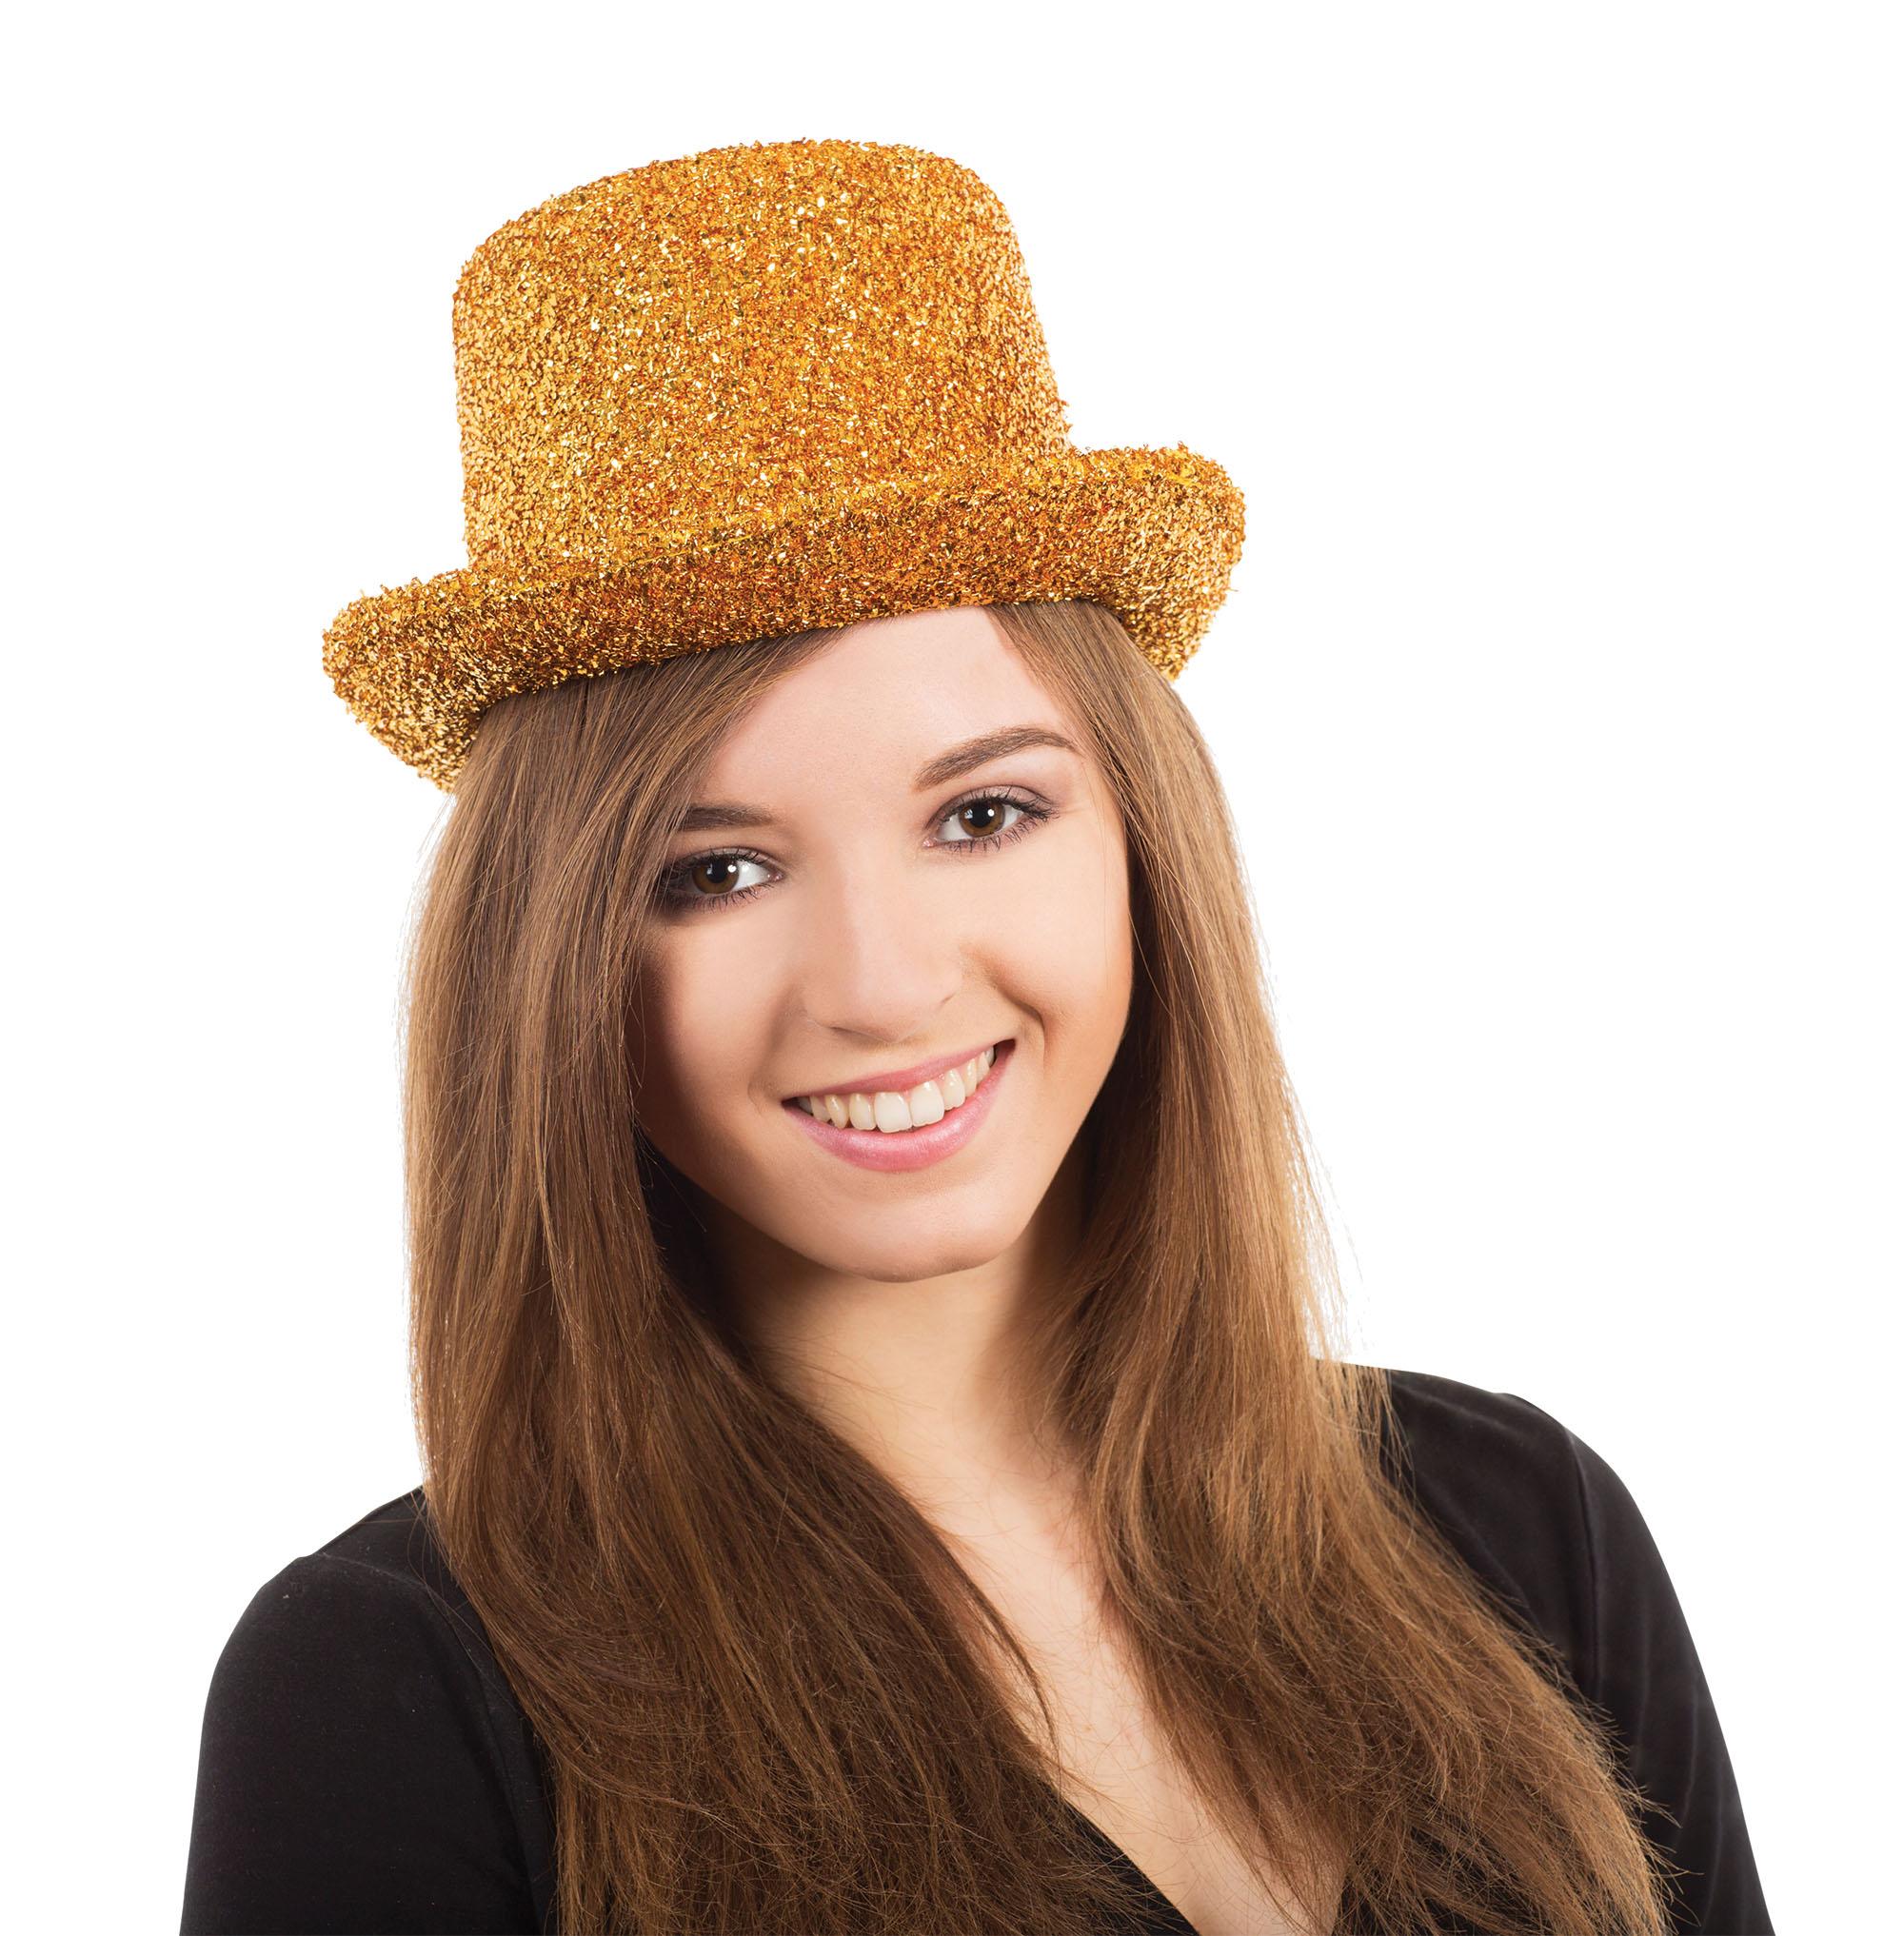 kultainen hattu